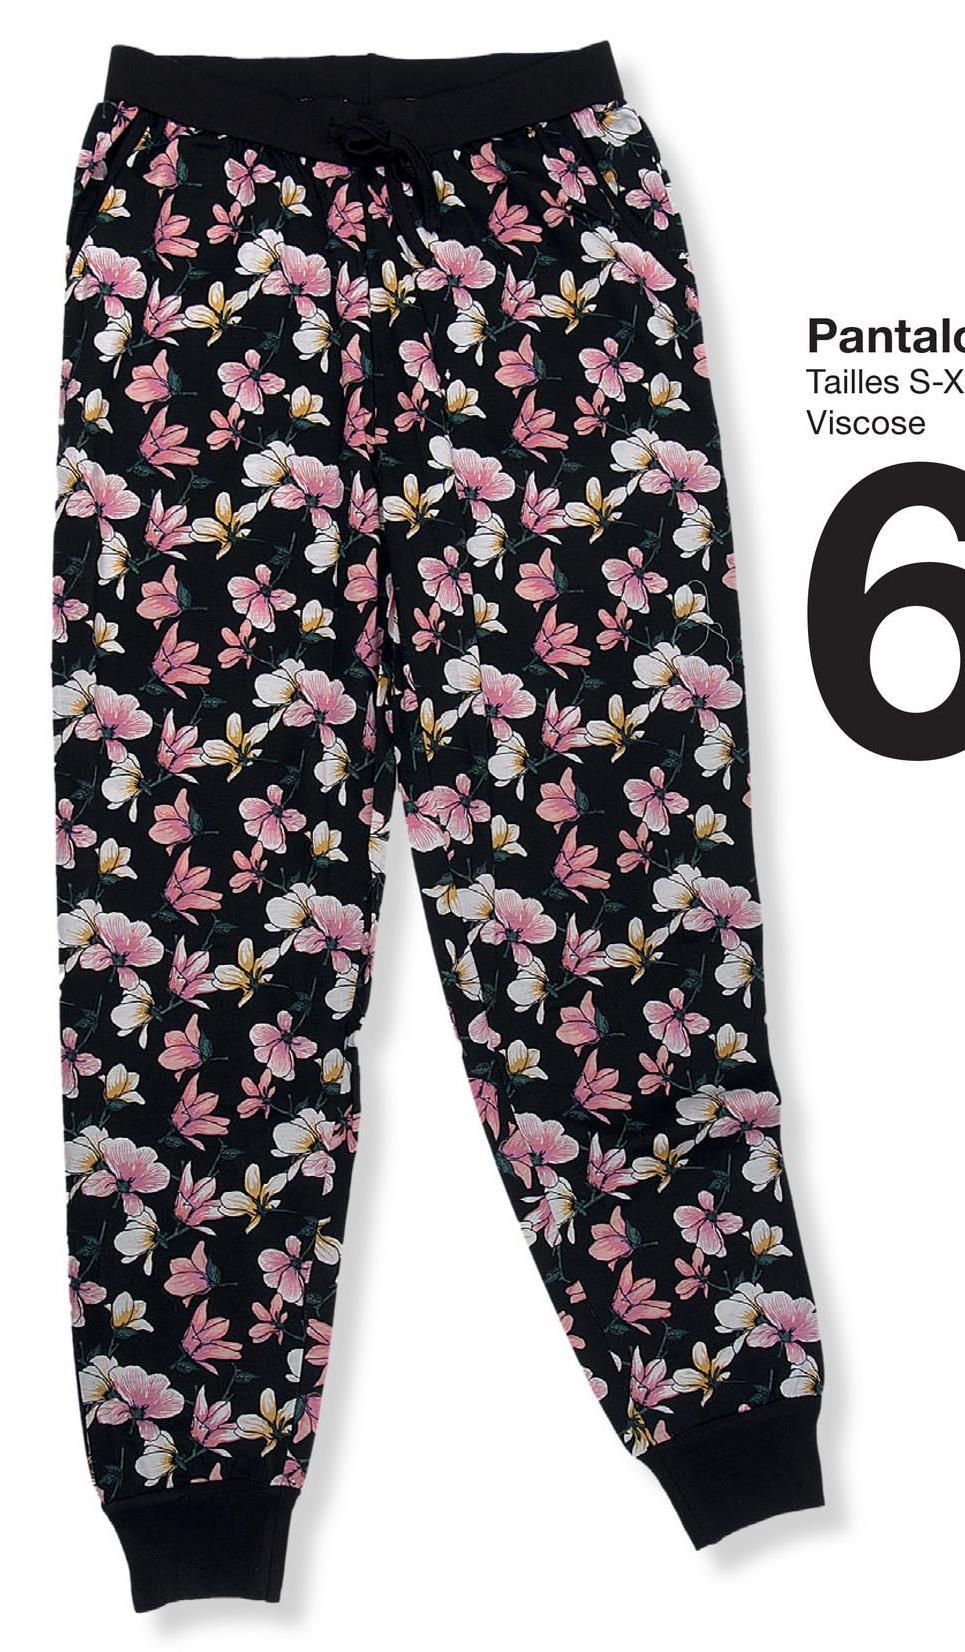 Pantalo Tailles S-X Viscose 6